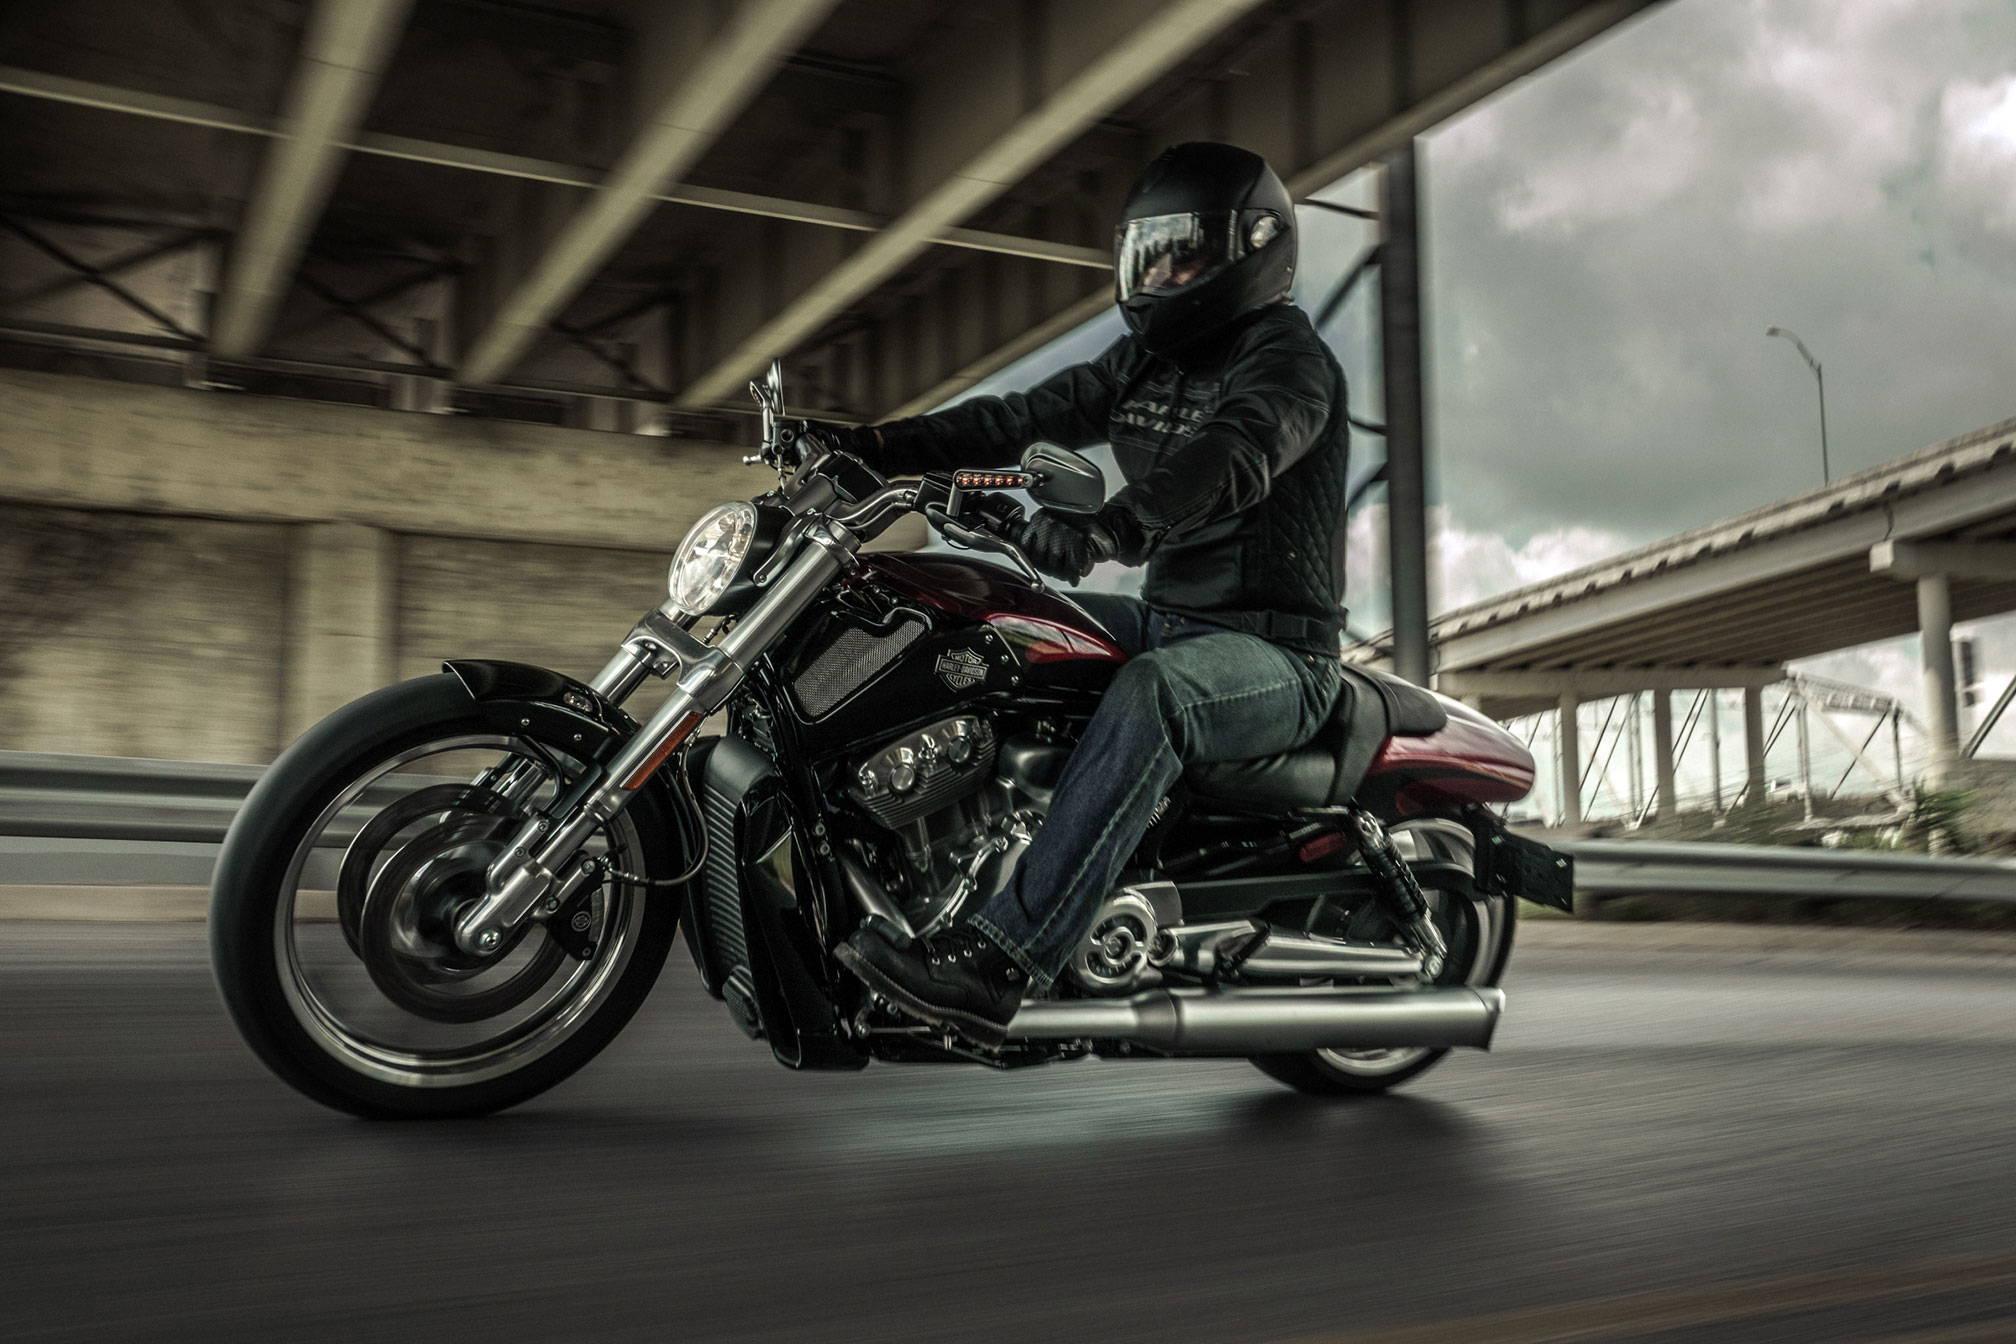 Harley Davidson V-Rod: A Vaporizer Guide at DopeBoo.com